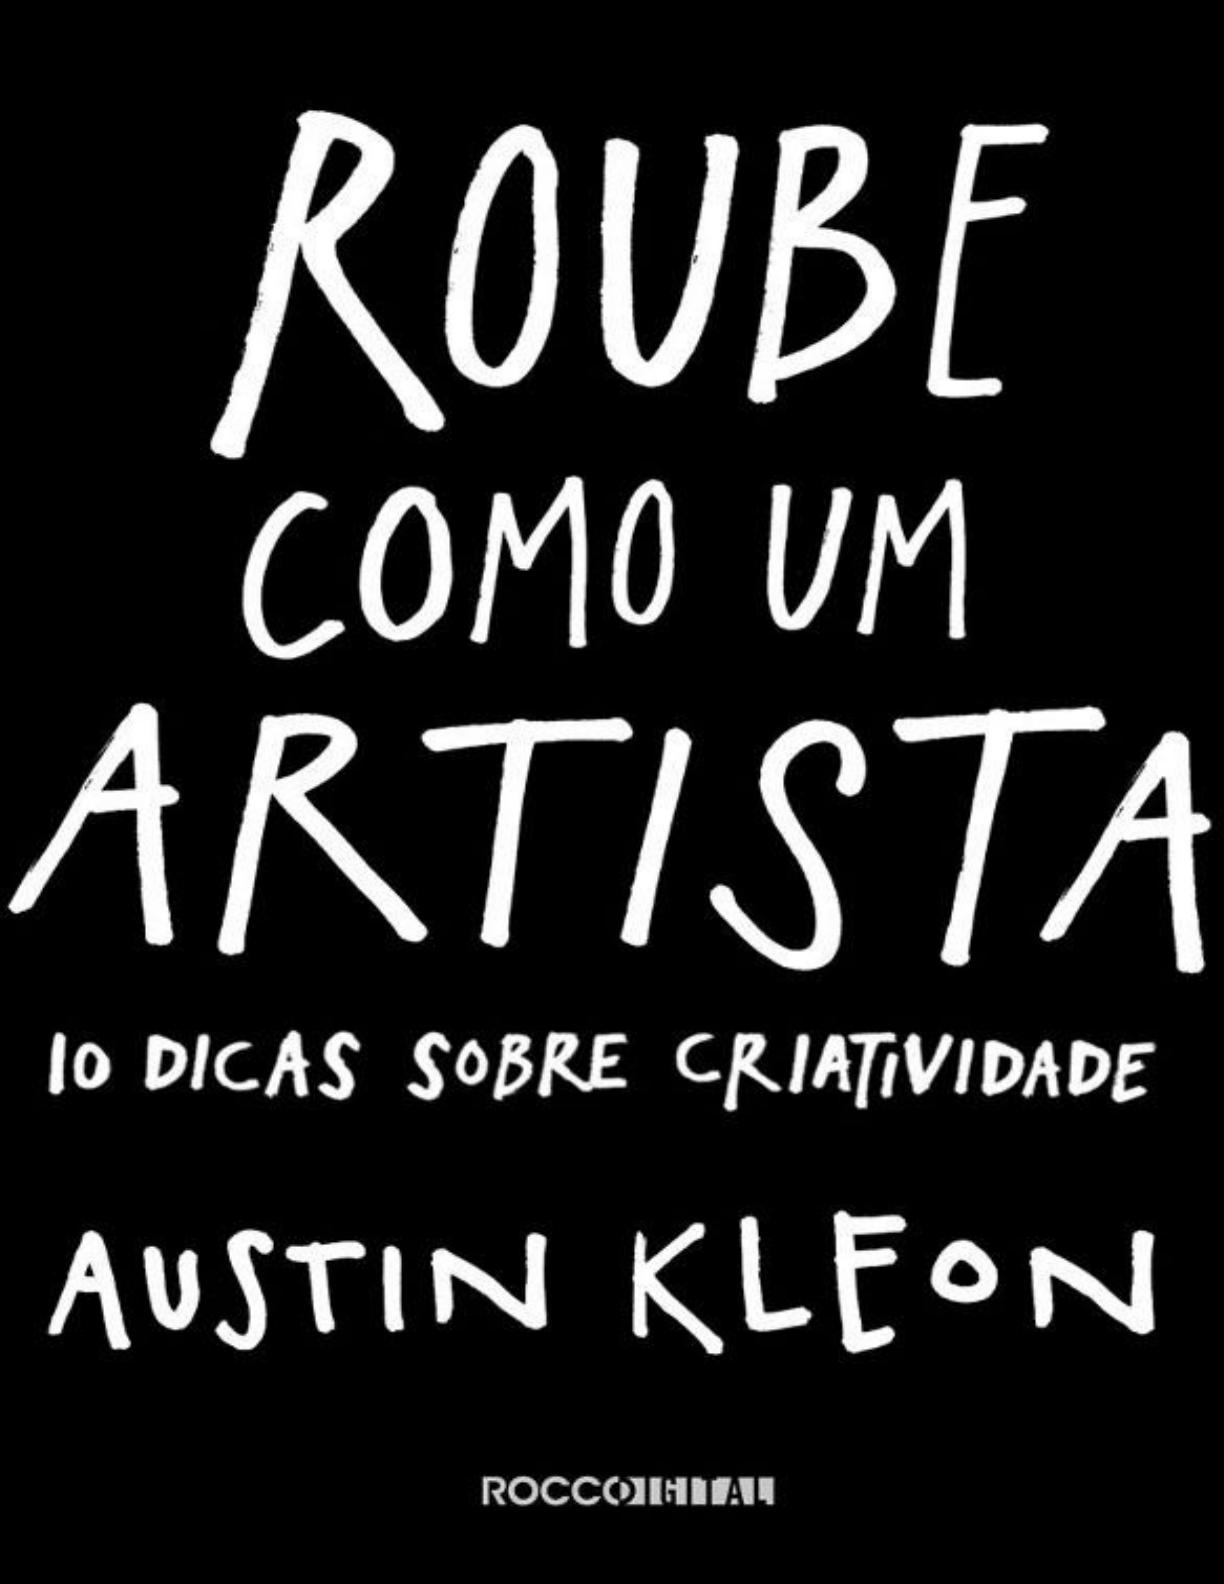 Roube como um artista - 10 dicas sobre criatividade - Austin Kleon -  Educação Financeira - 2